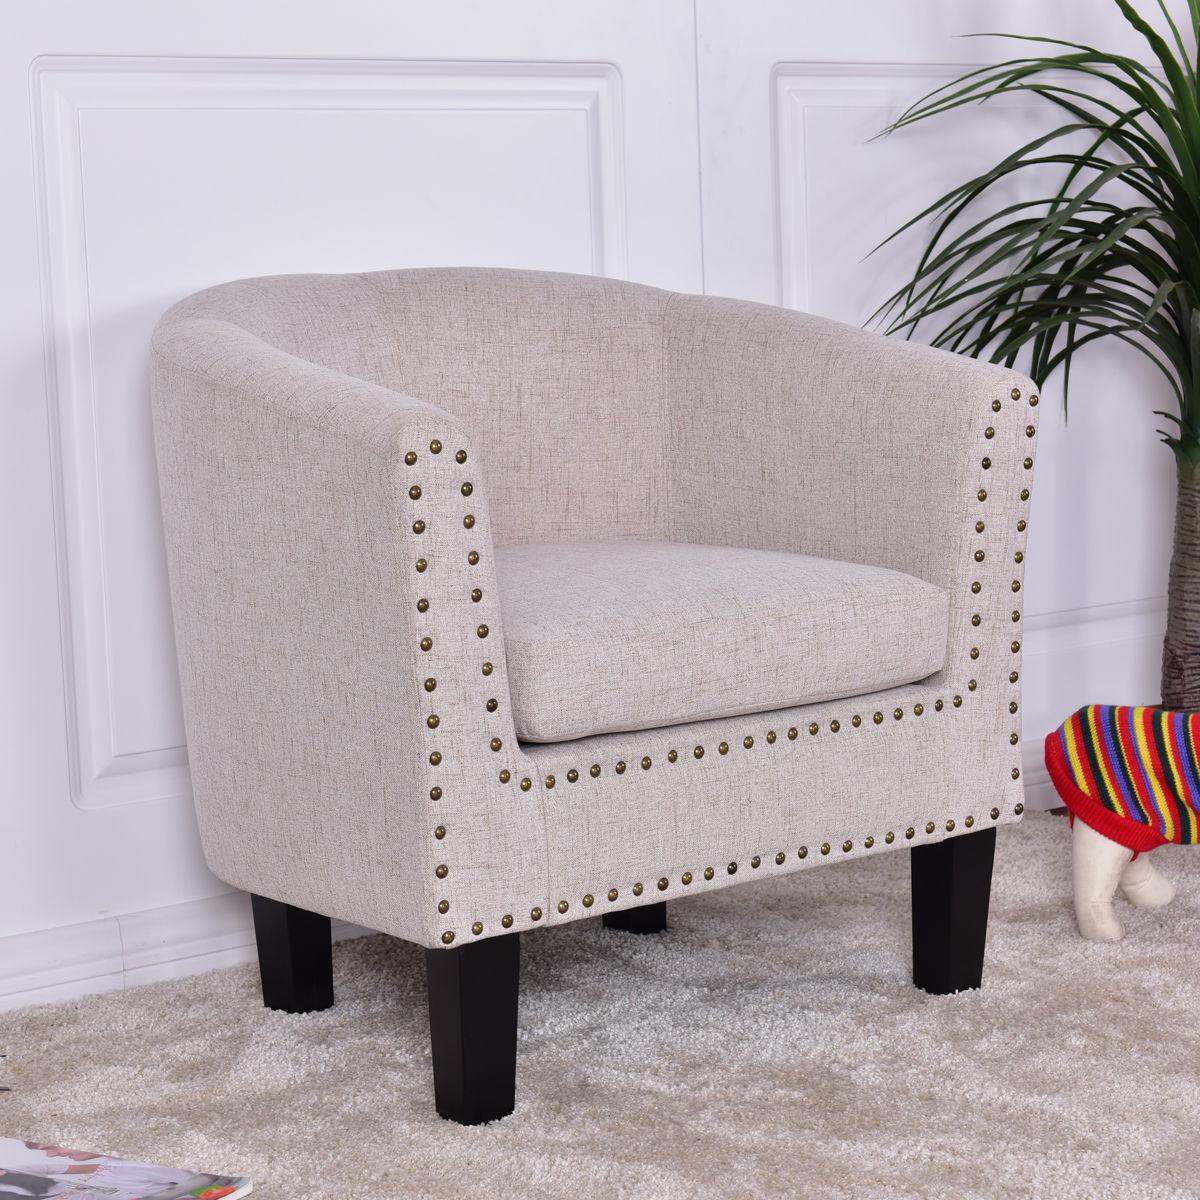 Giantex современный Гостиная кресло акцент Ткань Заклёпки один диван стул с Подушки отдыха деревянные дома Мебель hw56011be